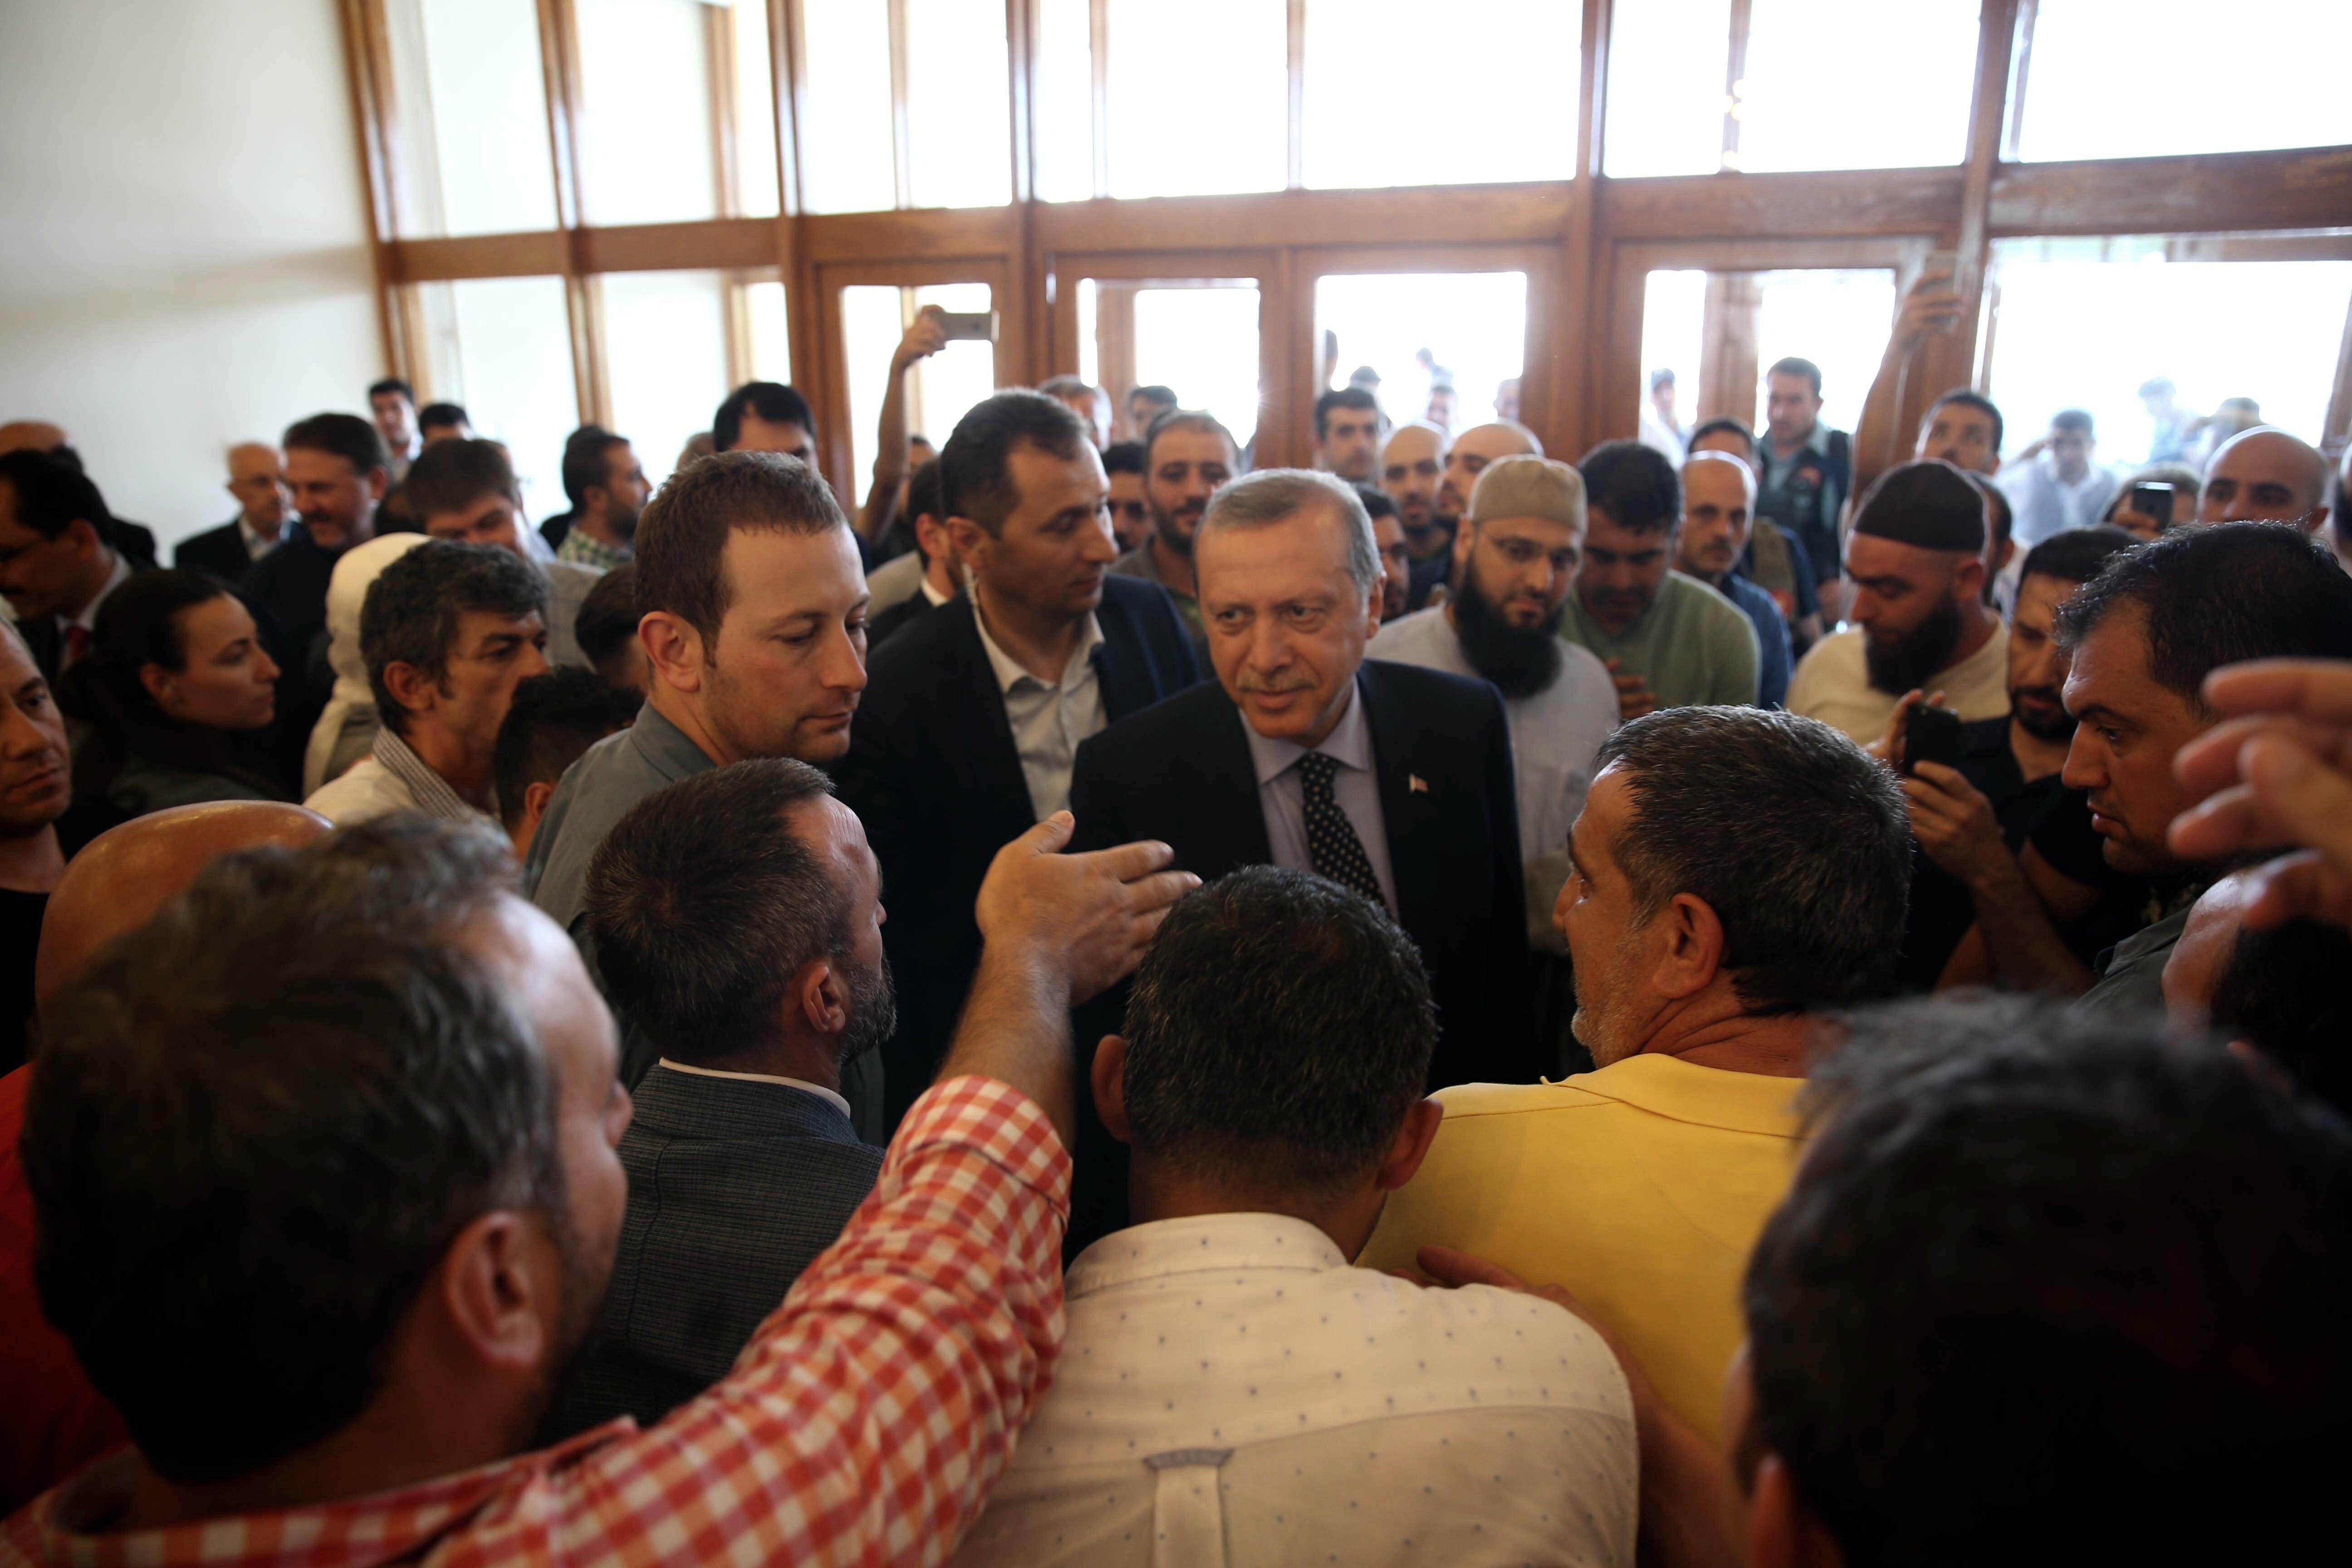 Cumhurbaşkanı Erdoğan, Atatürk Havalimanı'nda ikinci açıklamasını yaptı.